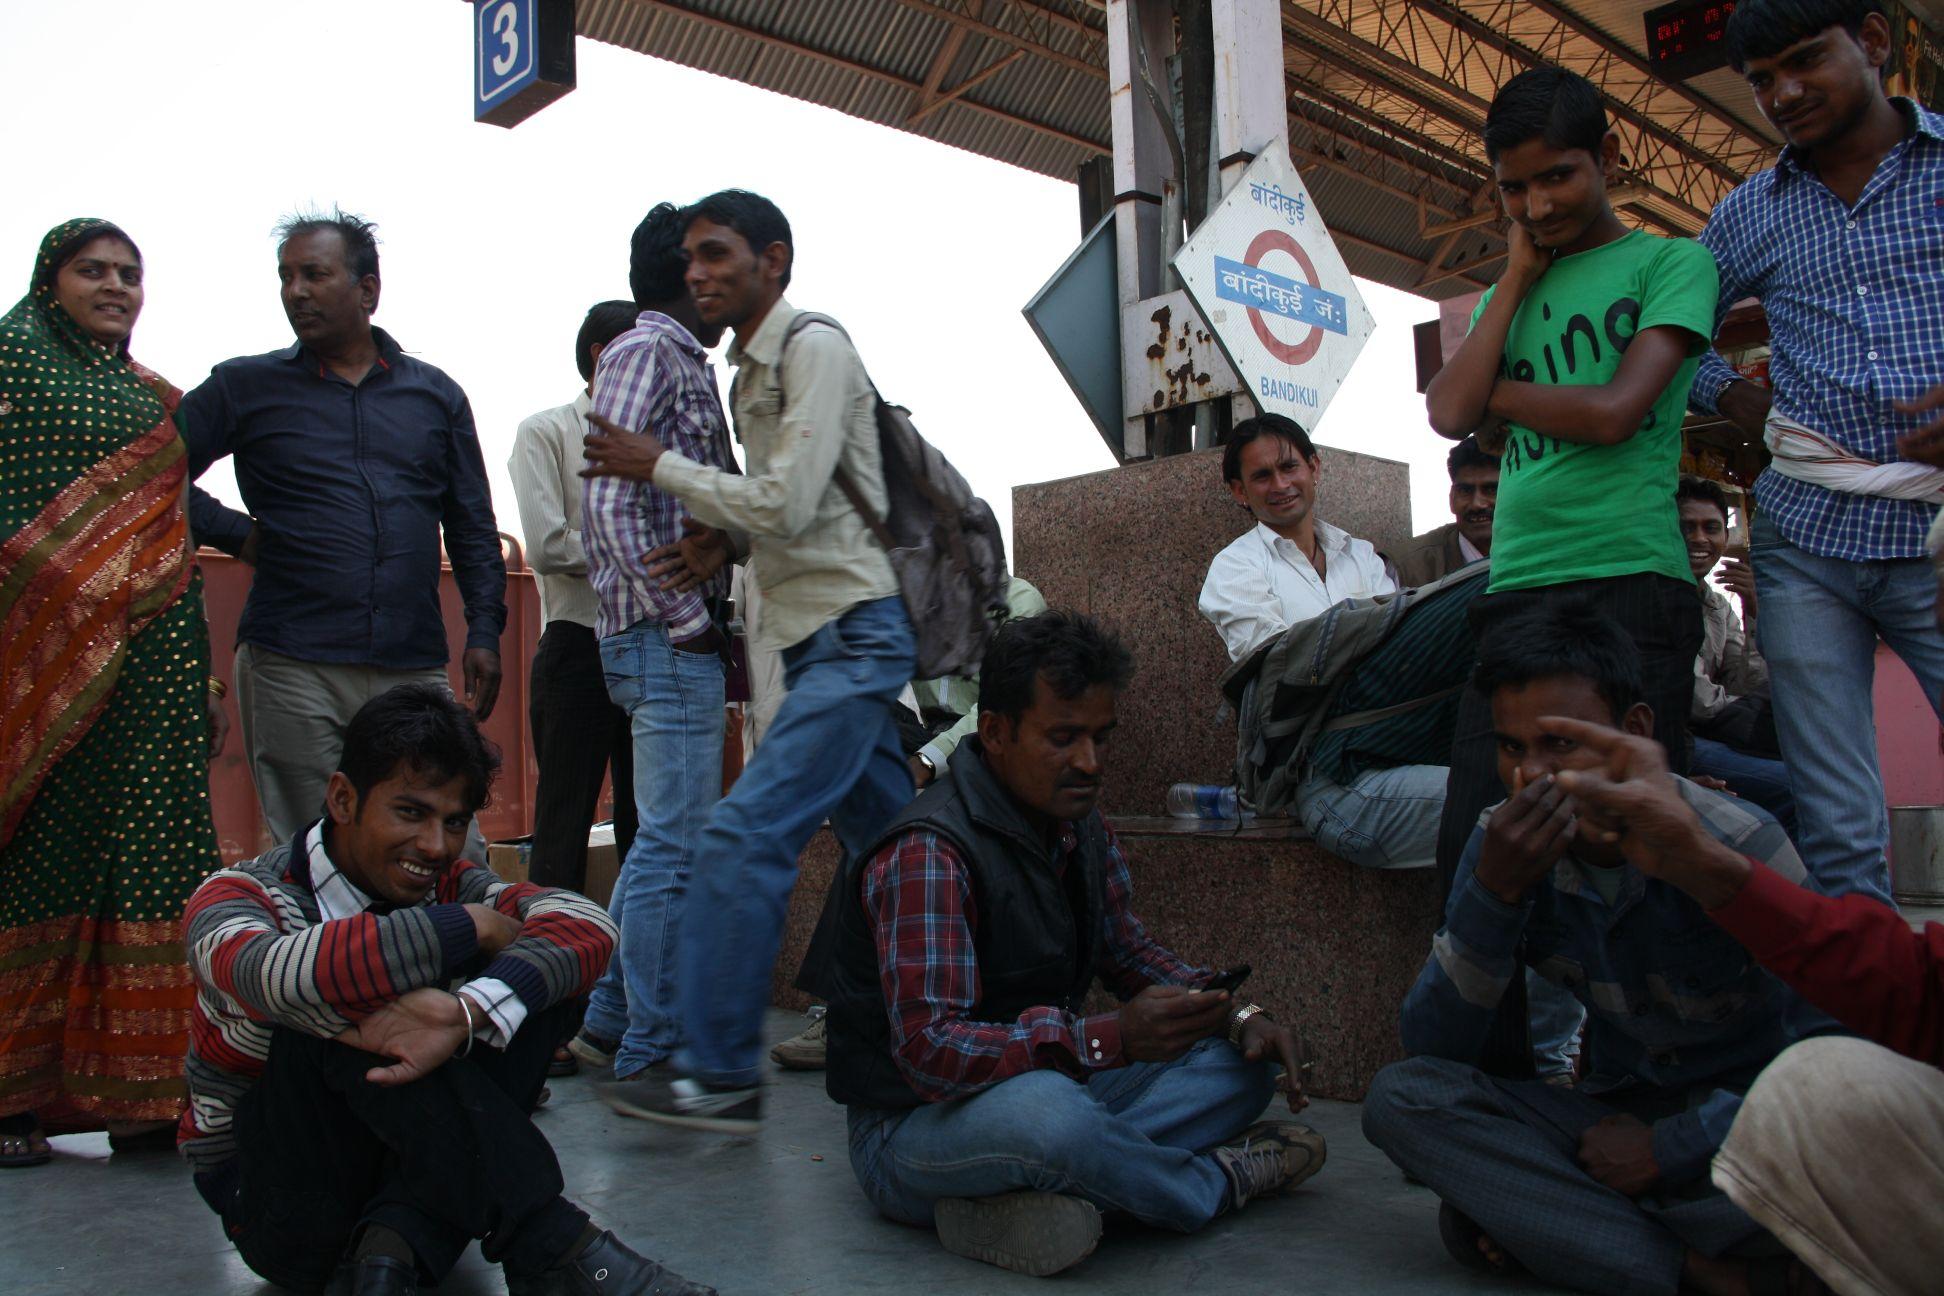 Zoznamka reality show v Indii rýchlosť datovania žiadne zápasy